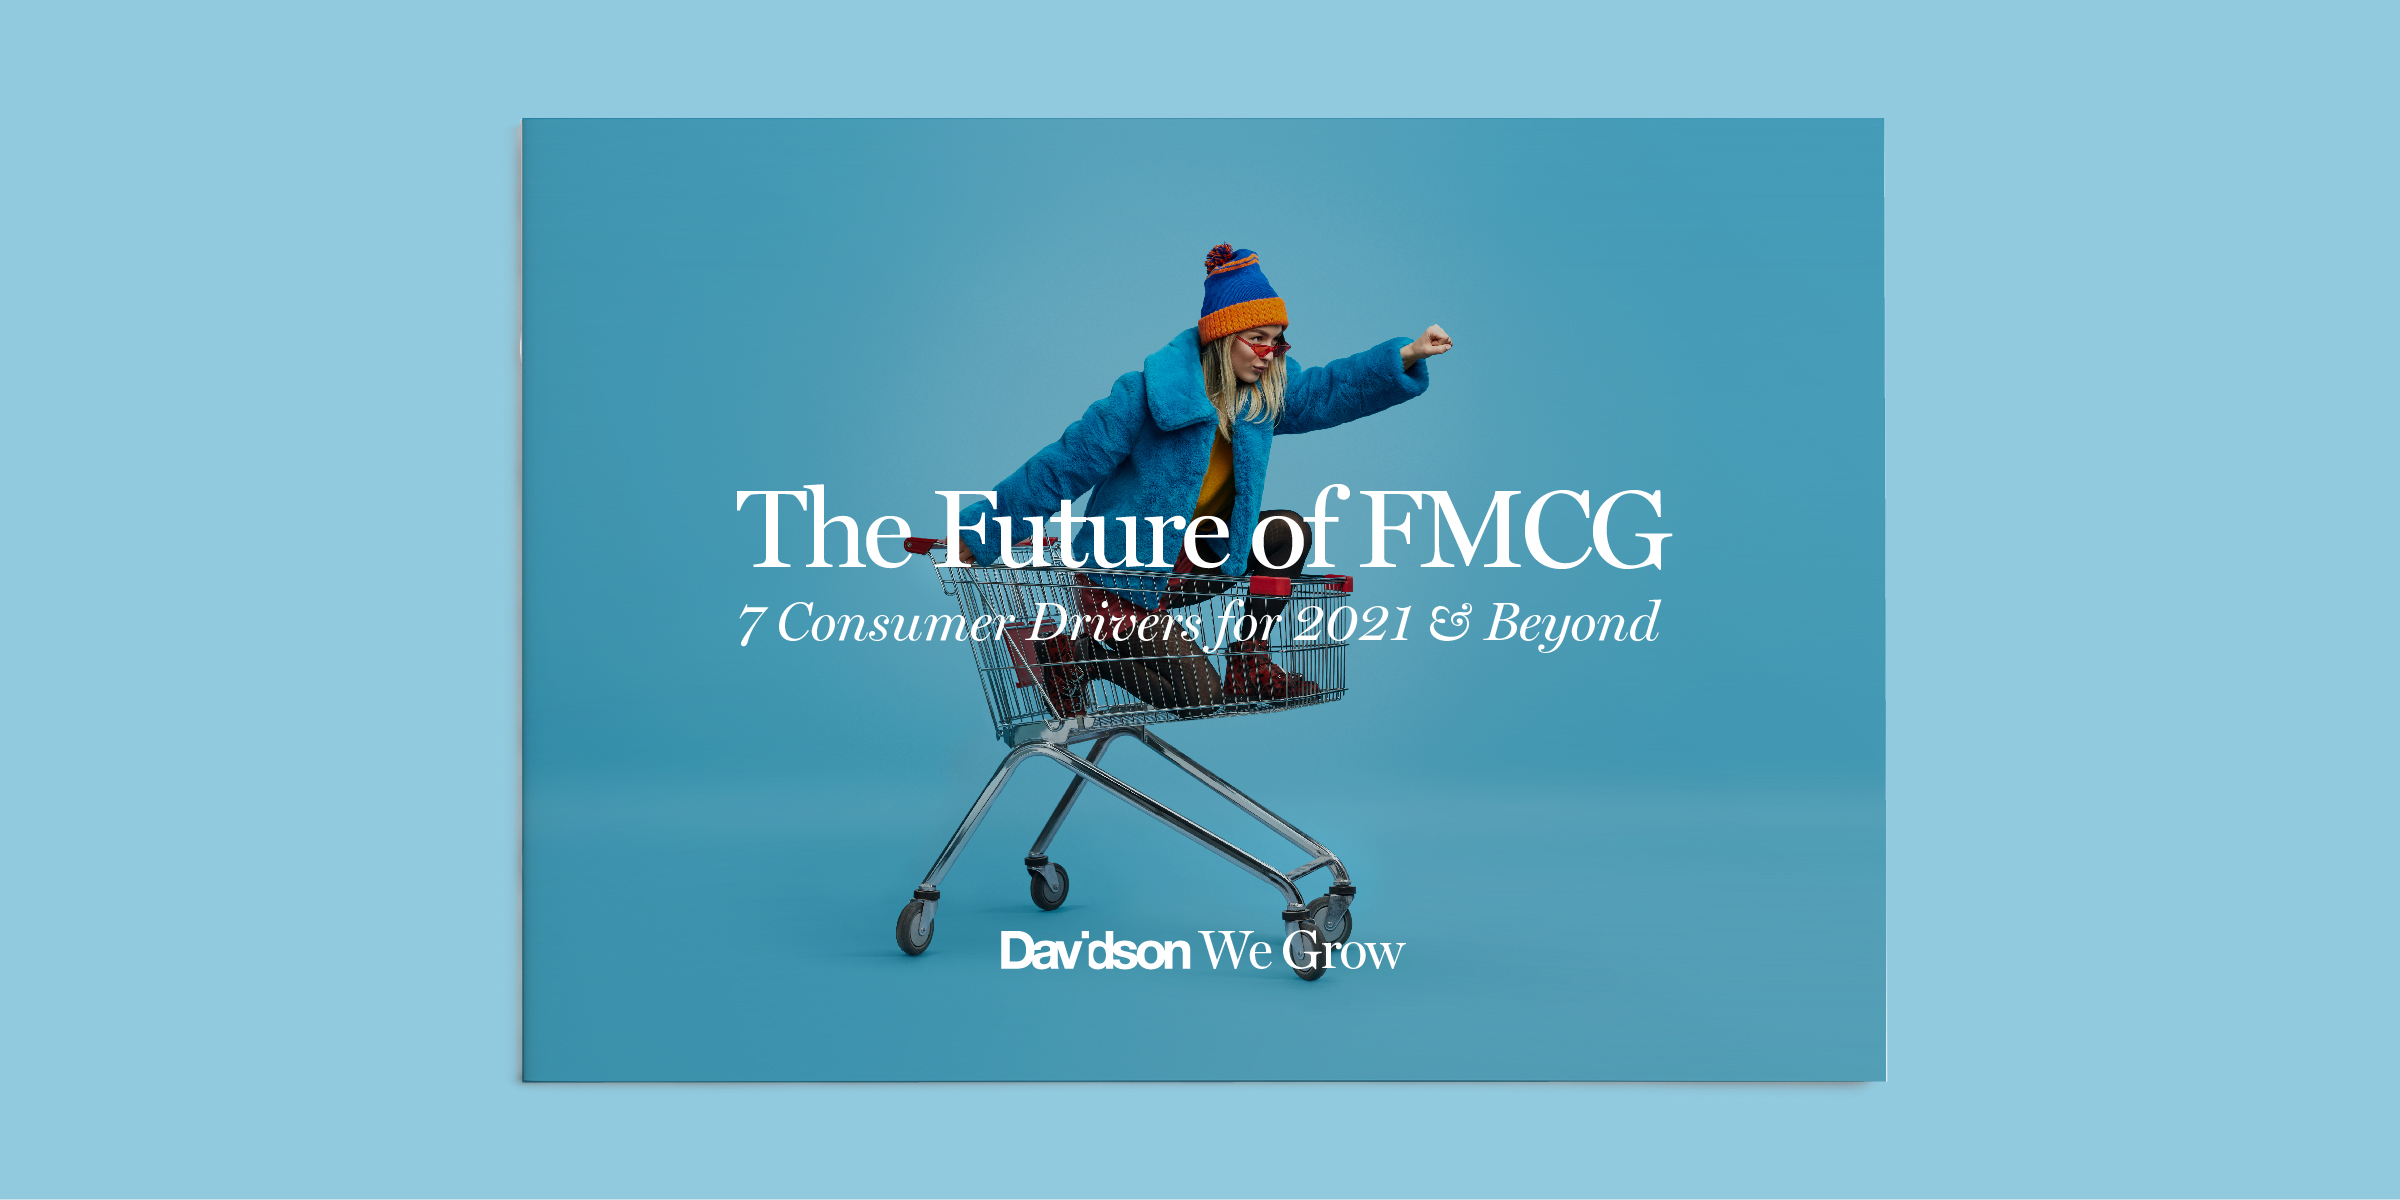 The Future of FMCG